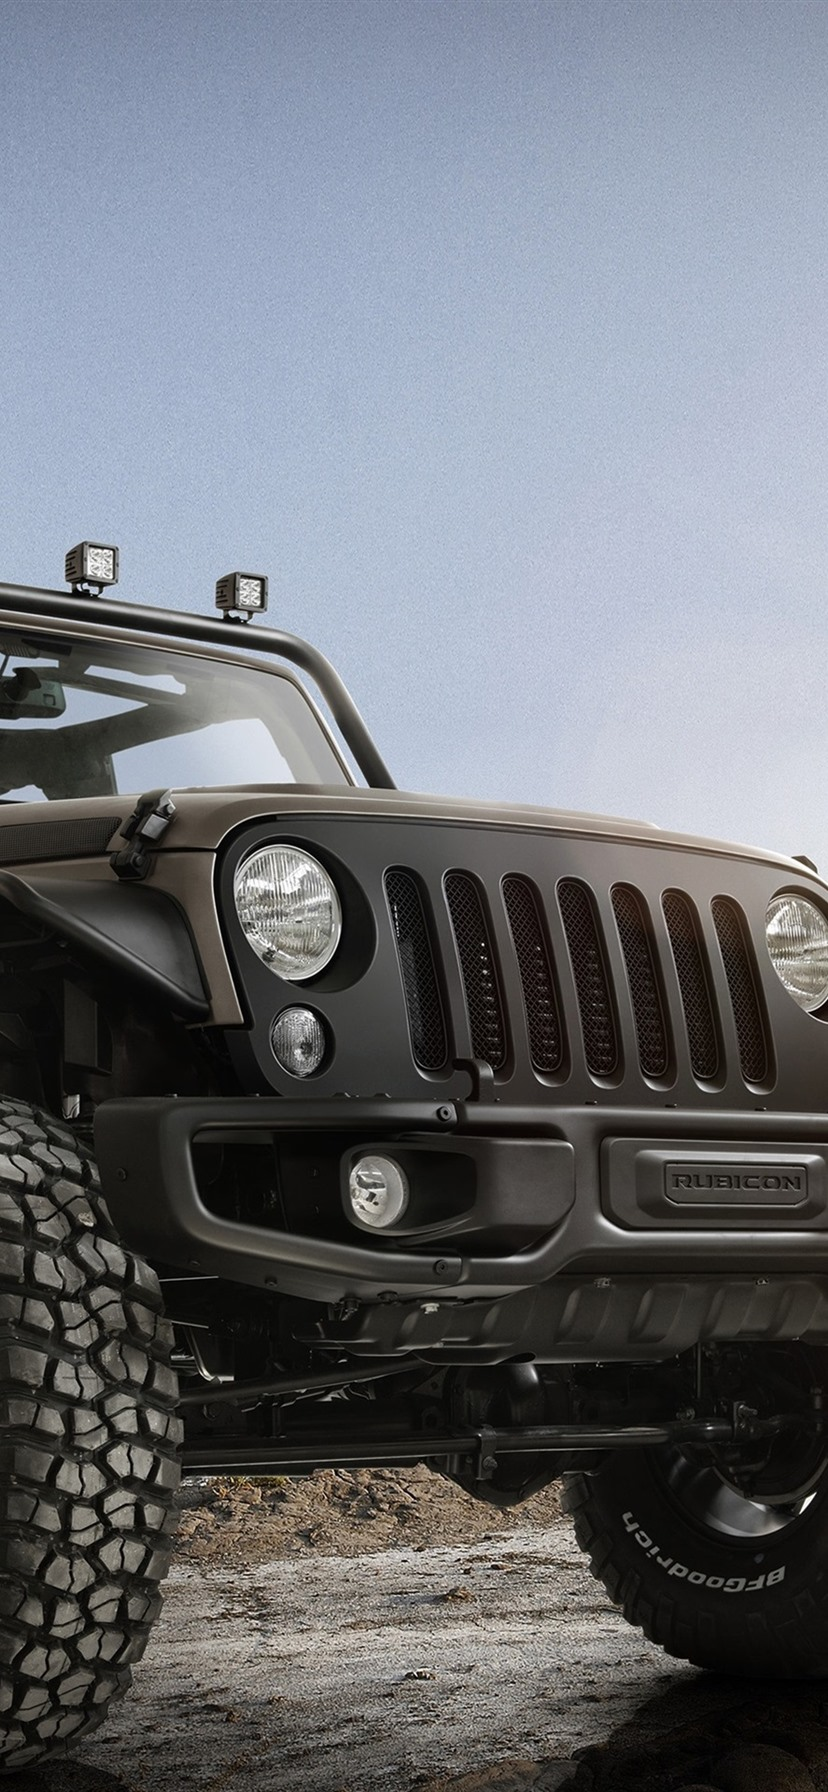 壁纸 Jeep牧马人rubicon无限隐身皮卡 3840x2160 Uhd 4k 高清壁纸 图片 照片